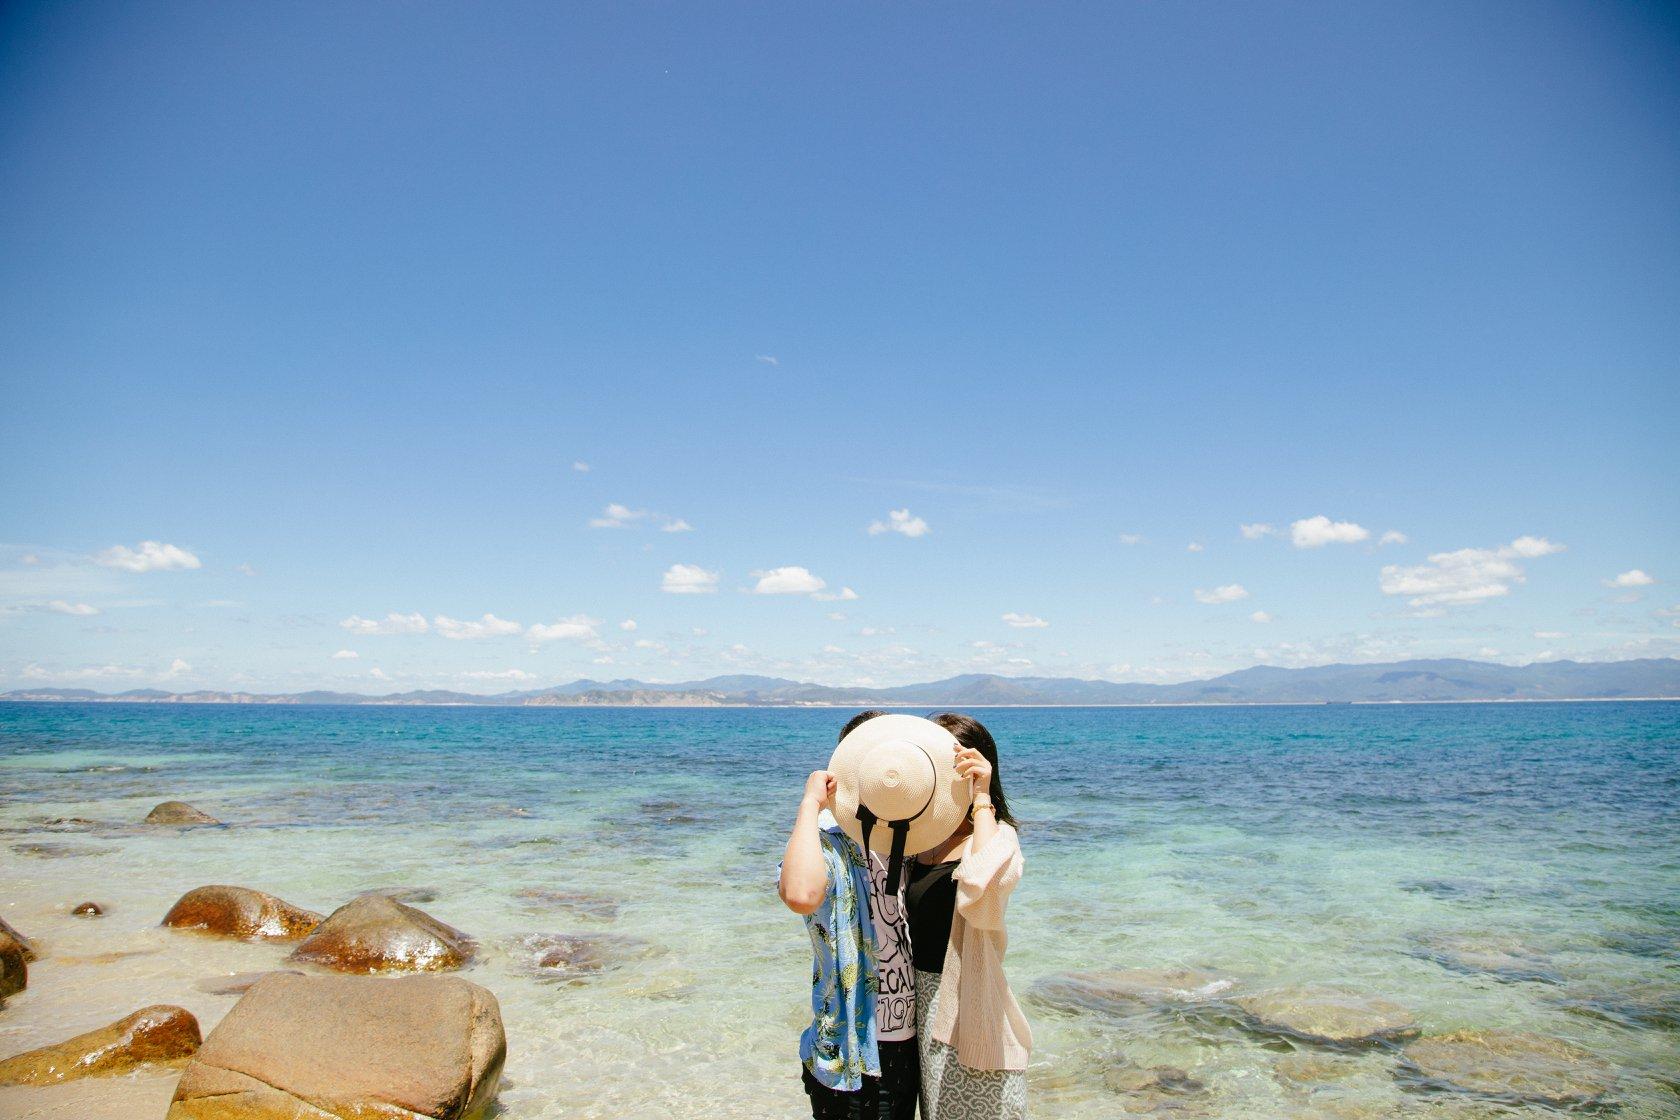 Du lịch Cù Lao Xanh Quy Nhơn - Khám phá 'đường đi nước bước' chi tiết trong mùa hè này - Ảnh 3.